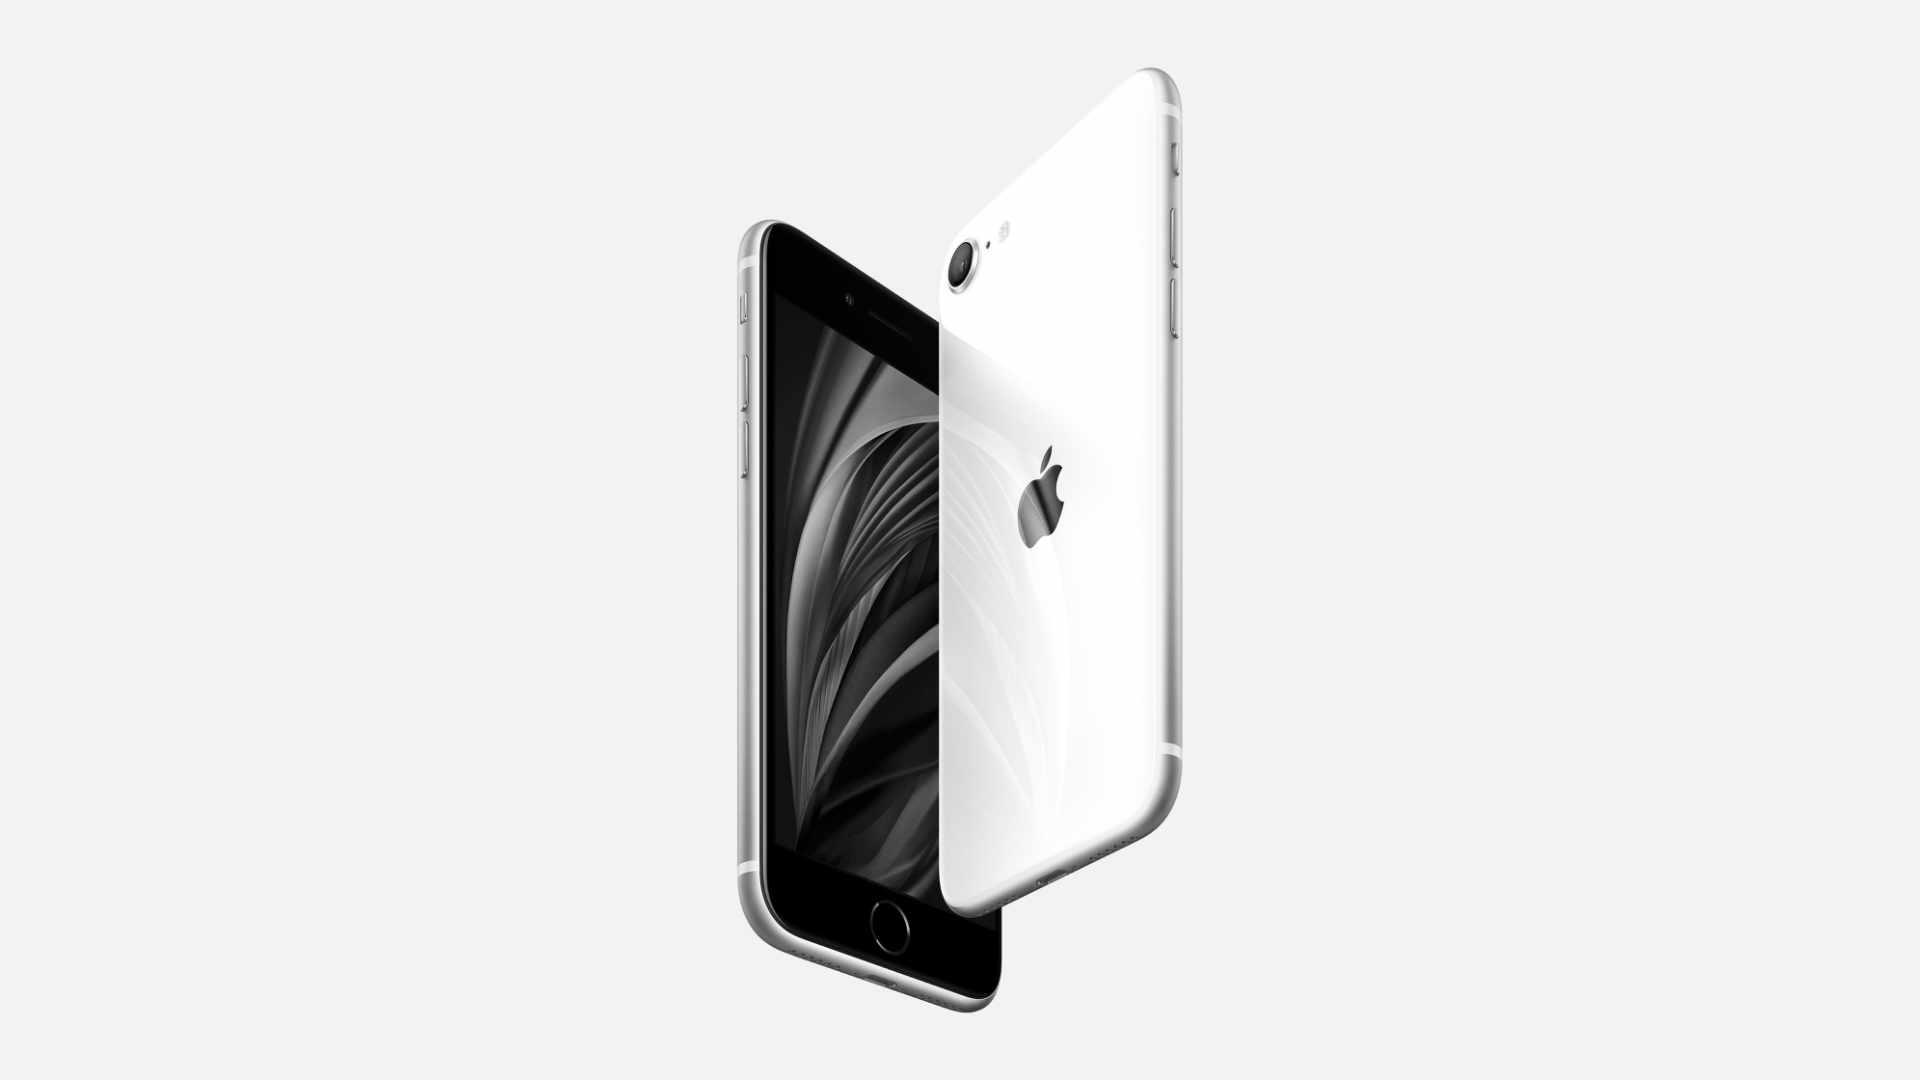 iOS 14.5 : quelles grandes nouveautés arrivent sur iPhone ? - Numerama